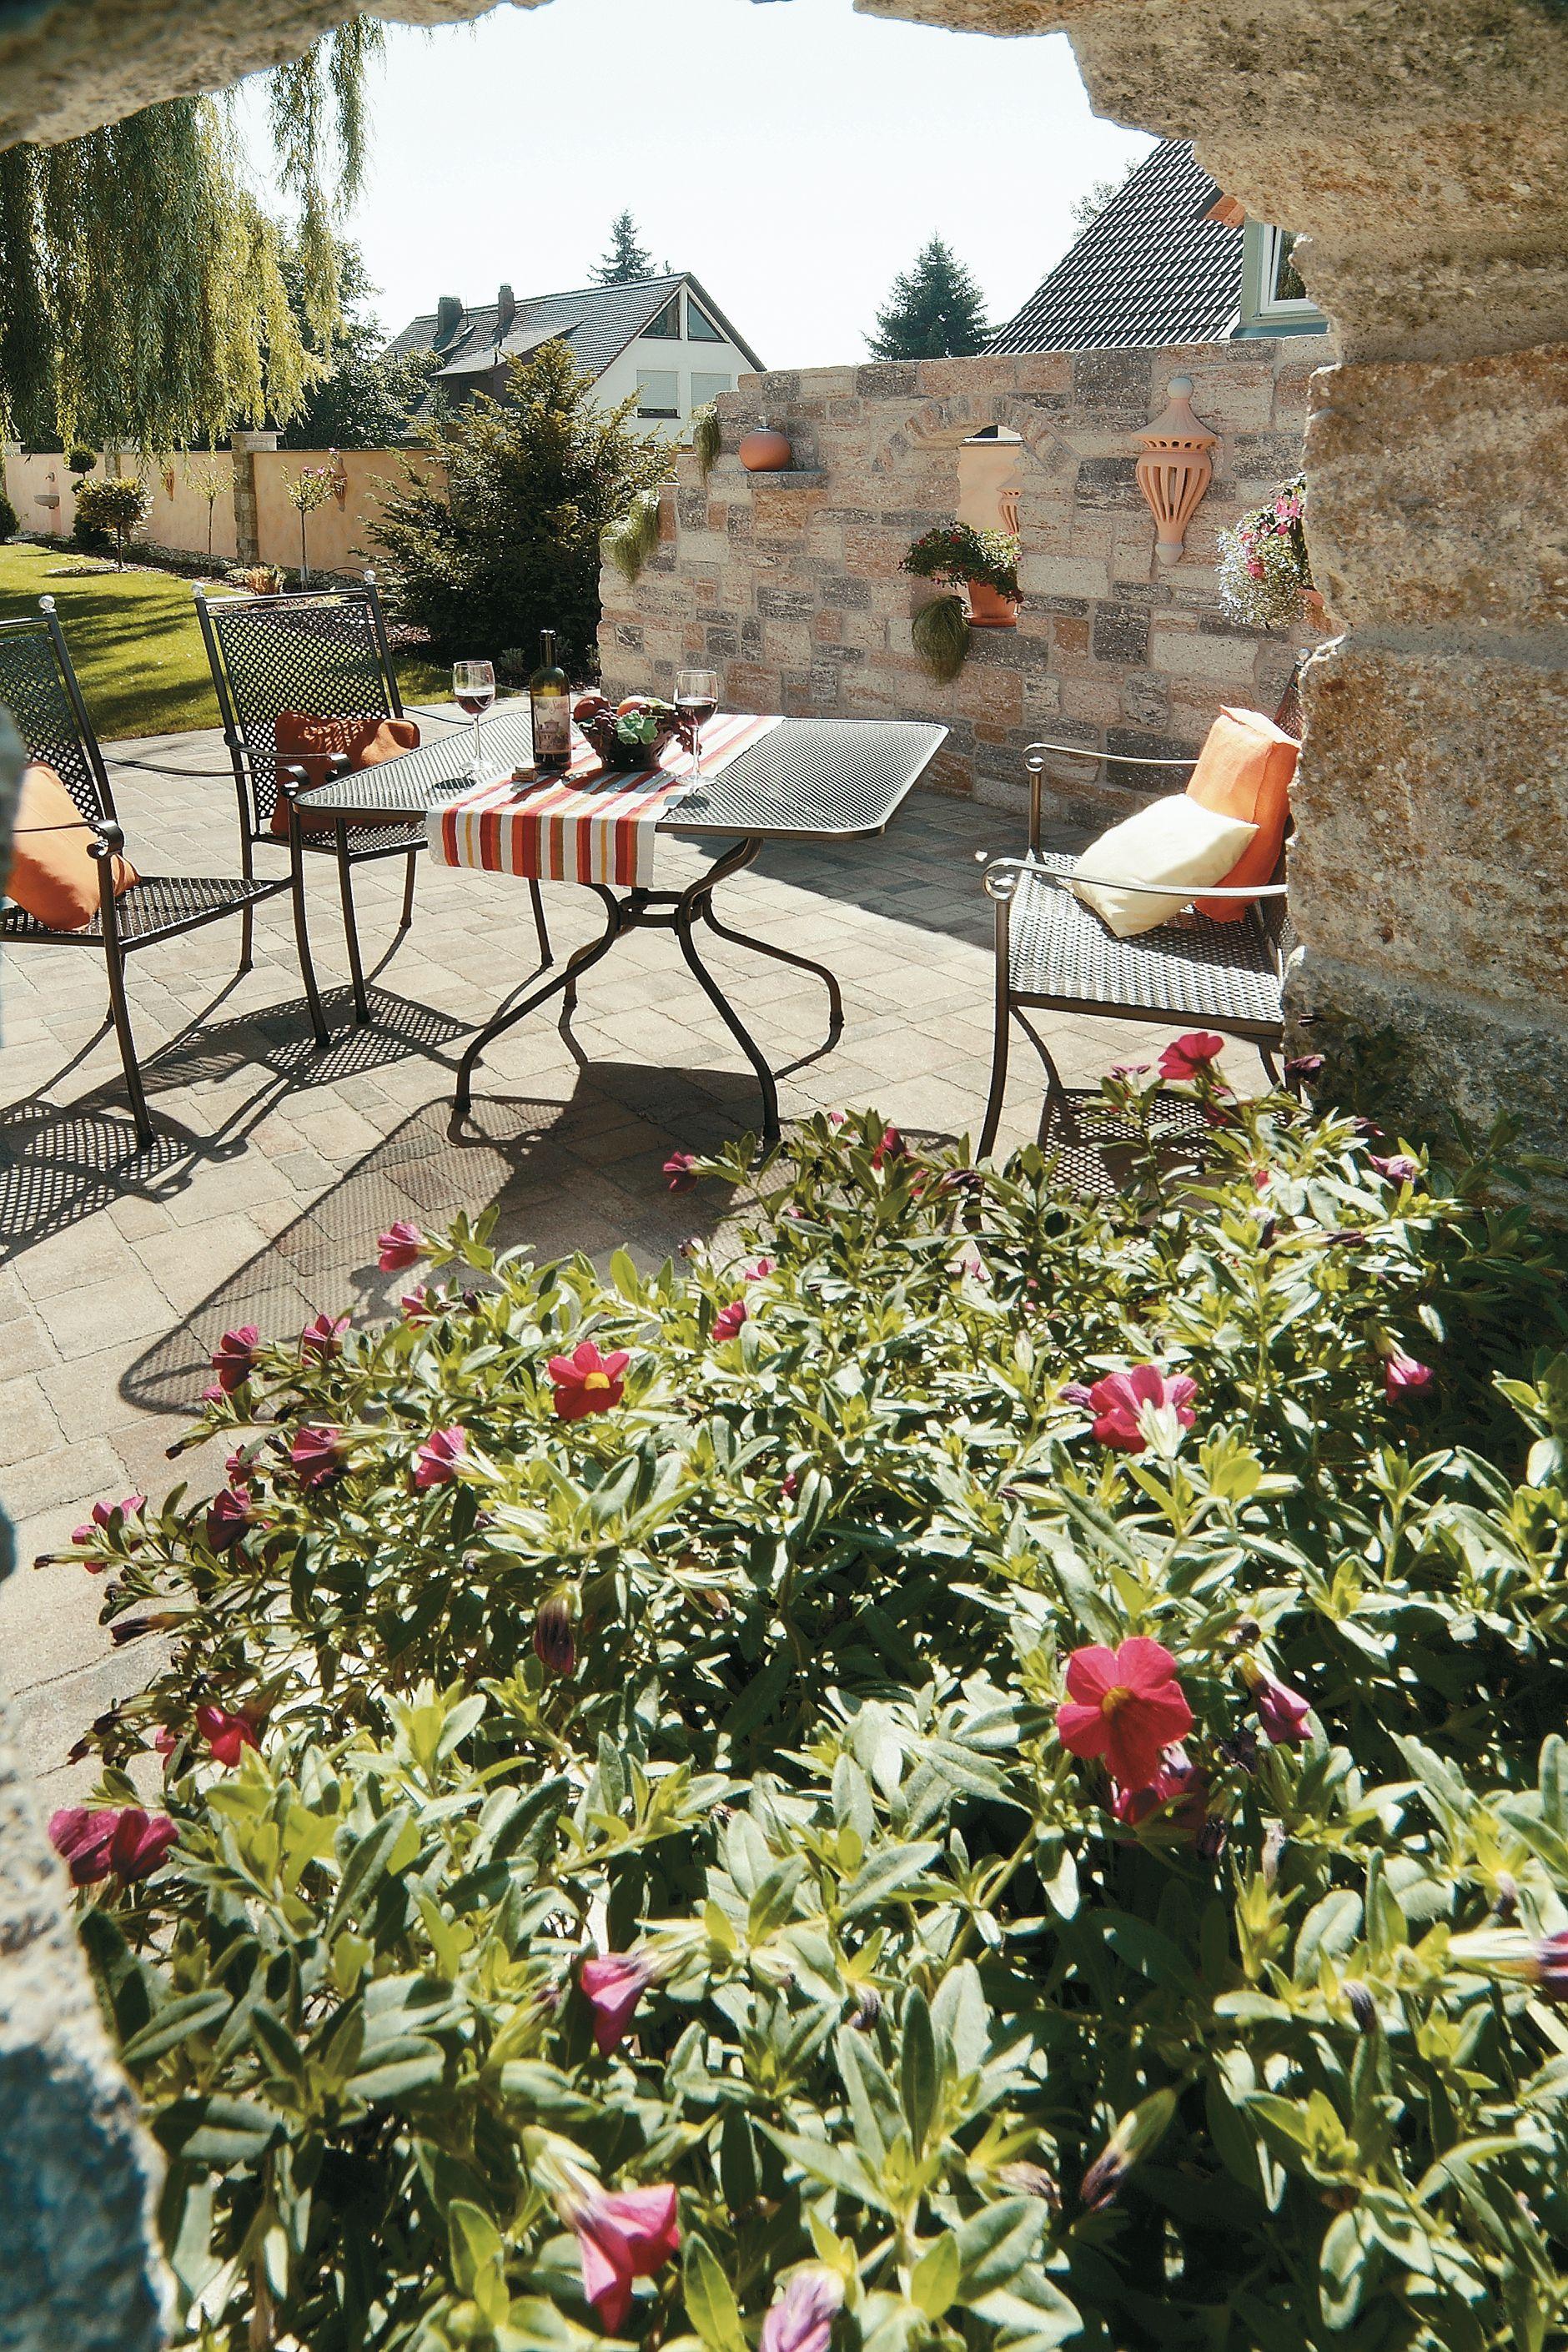 Gemütliche, mediterrane Terrasse   Mediterrane gartengestaltung ...